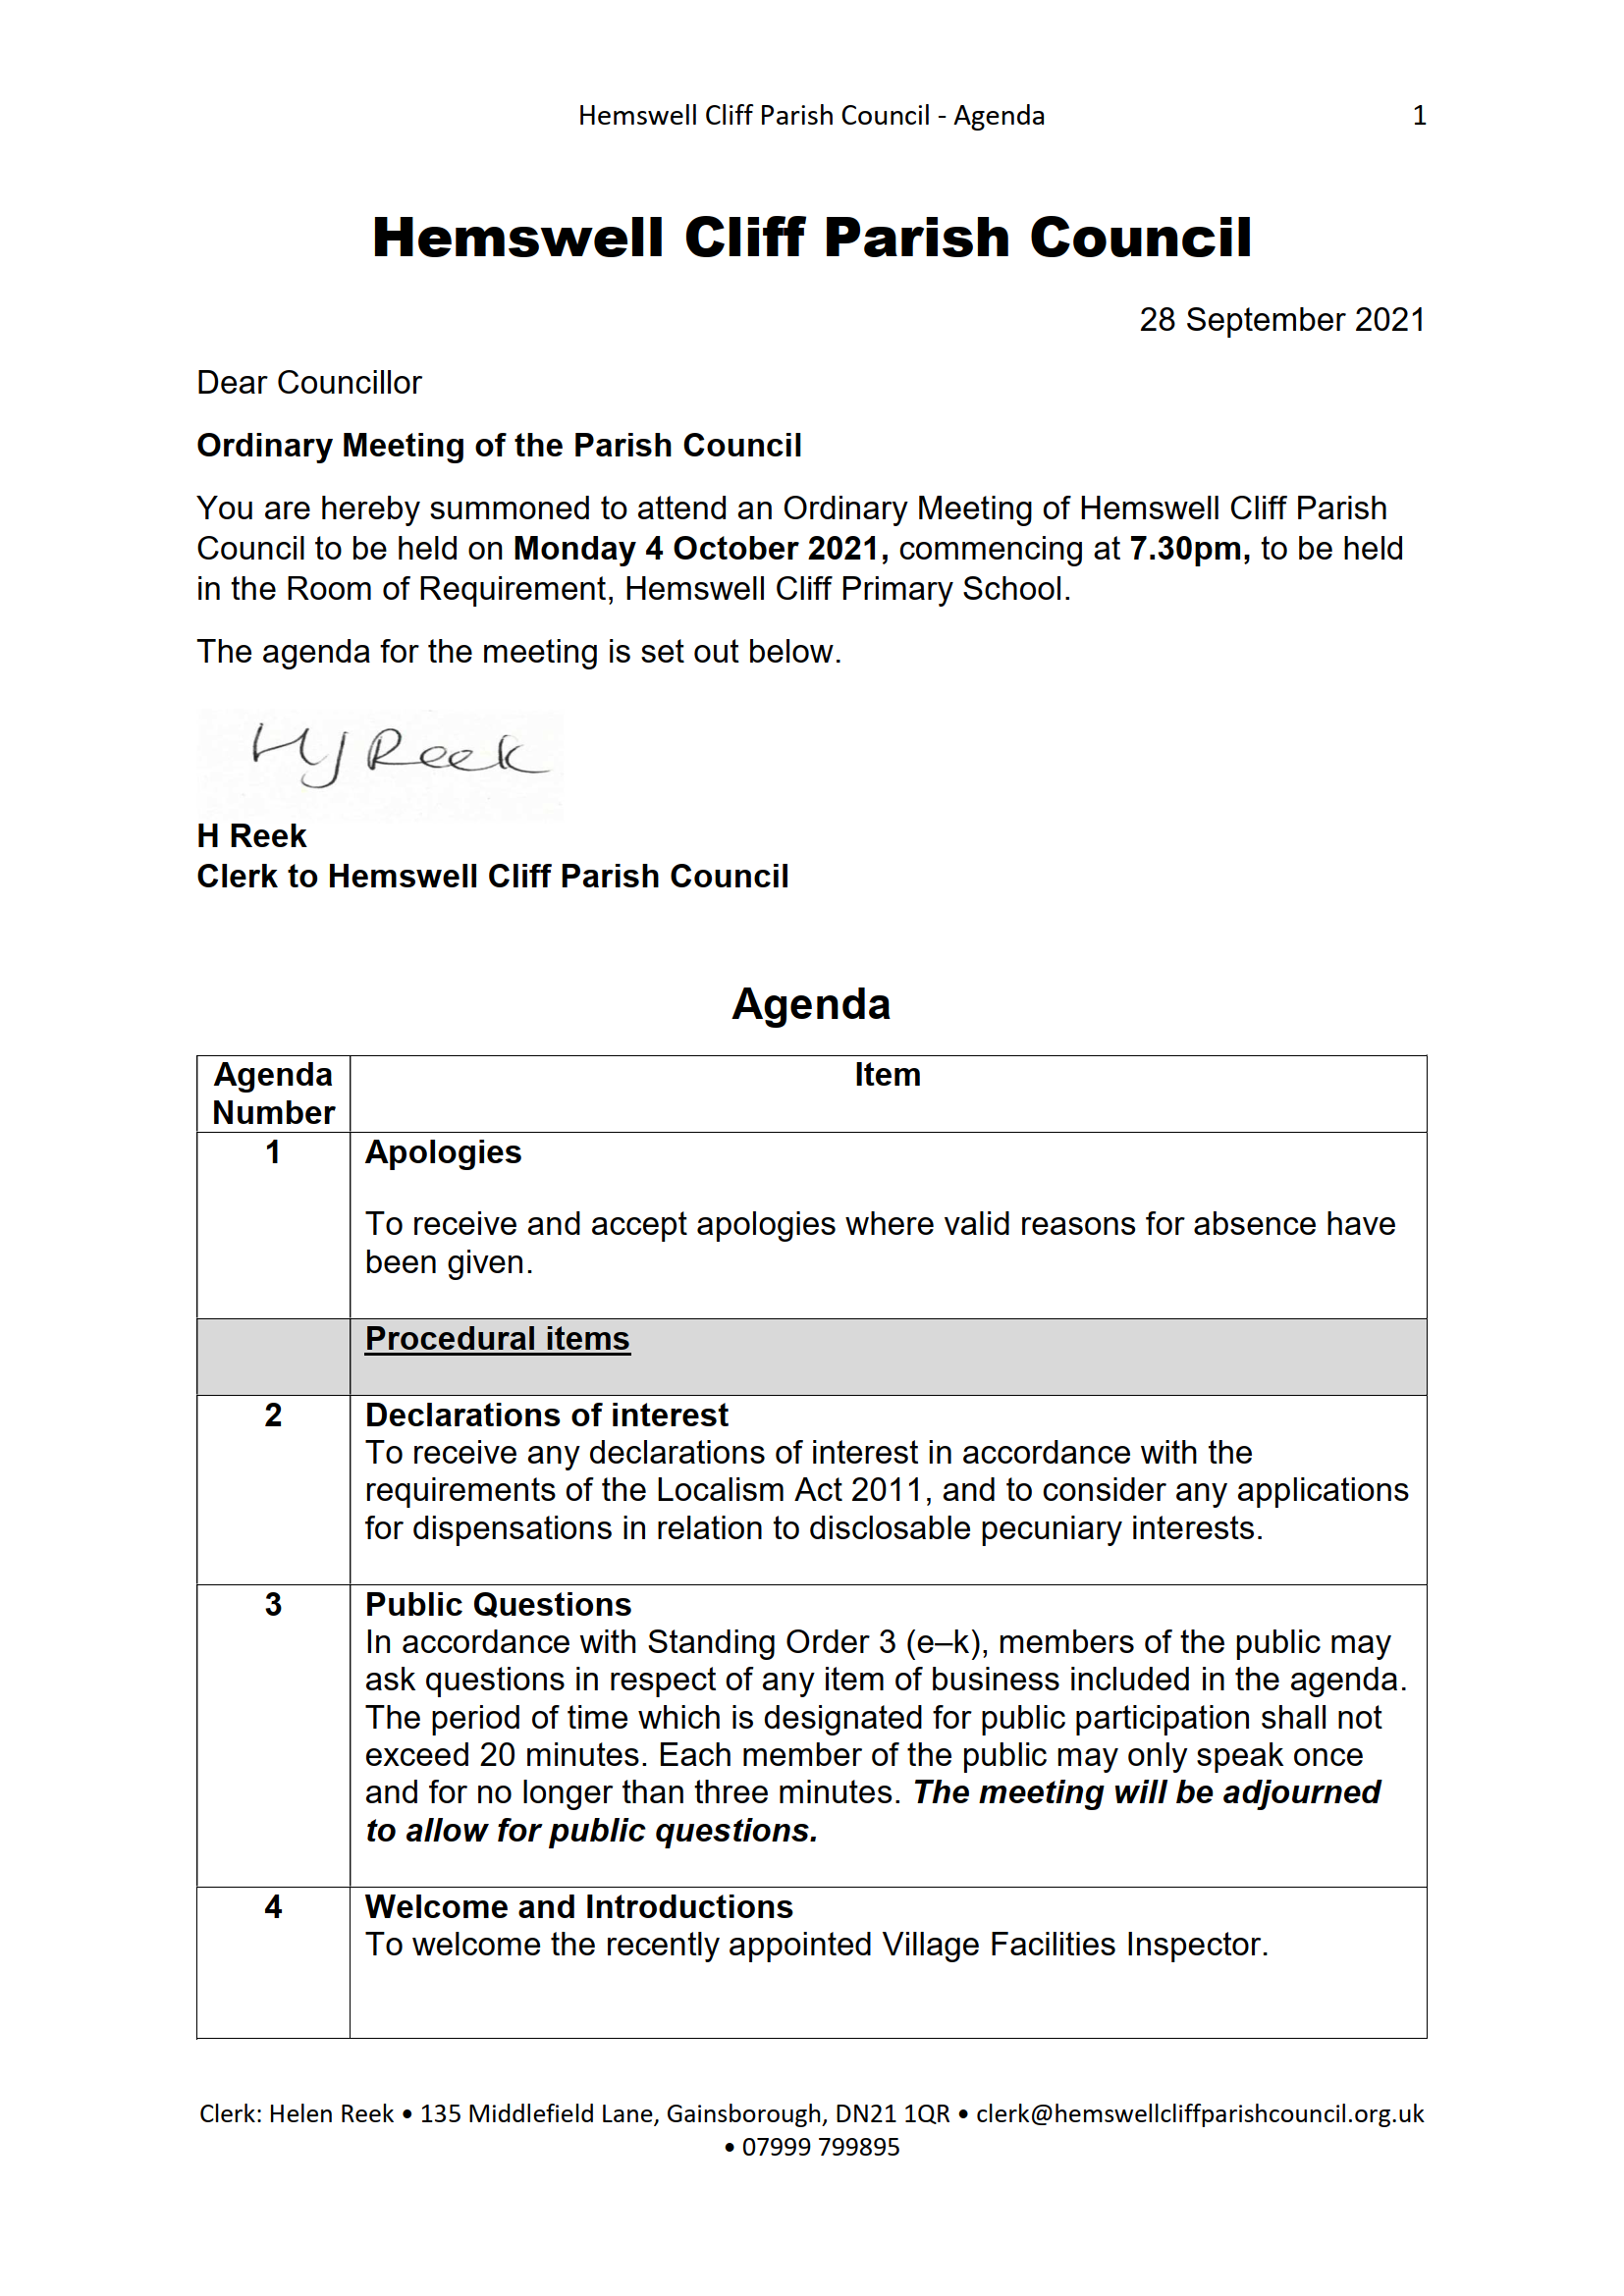 HCPC_Agenda_04.10.21_1.png